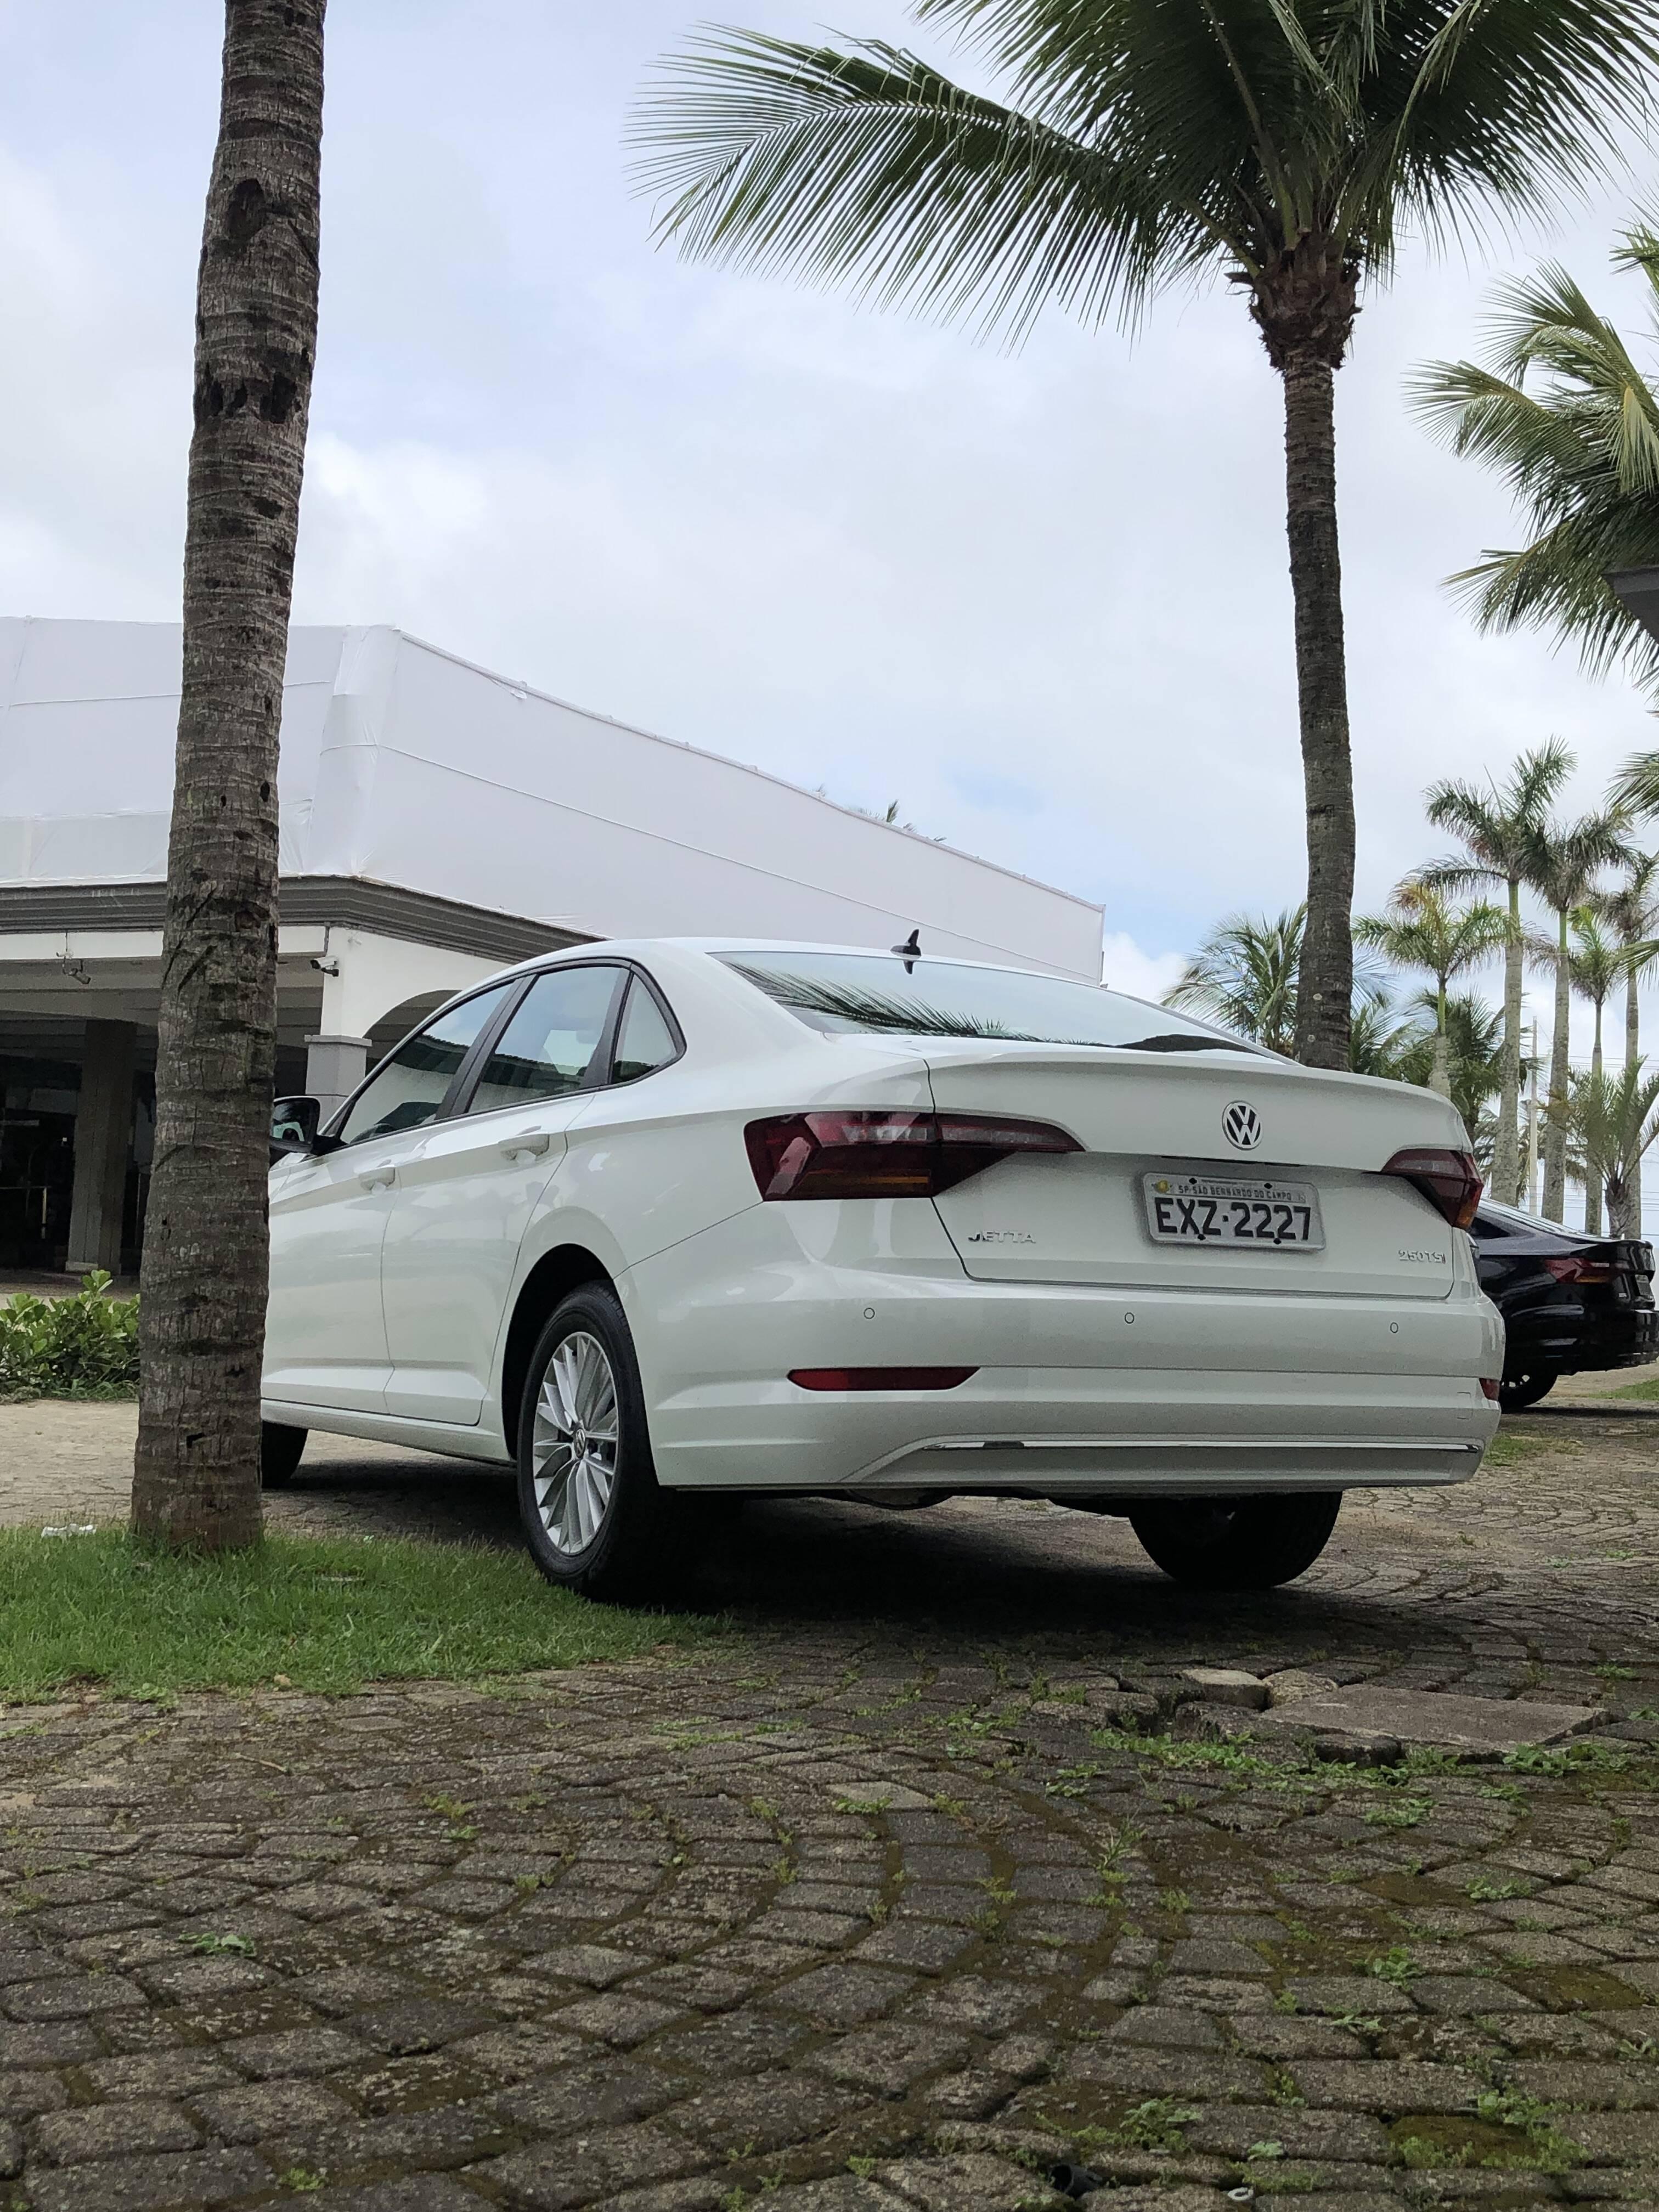 VW Jetta. Foto: Renato Maia/Falando de Carro